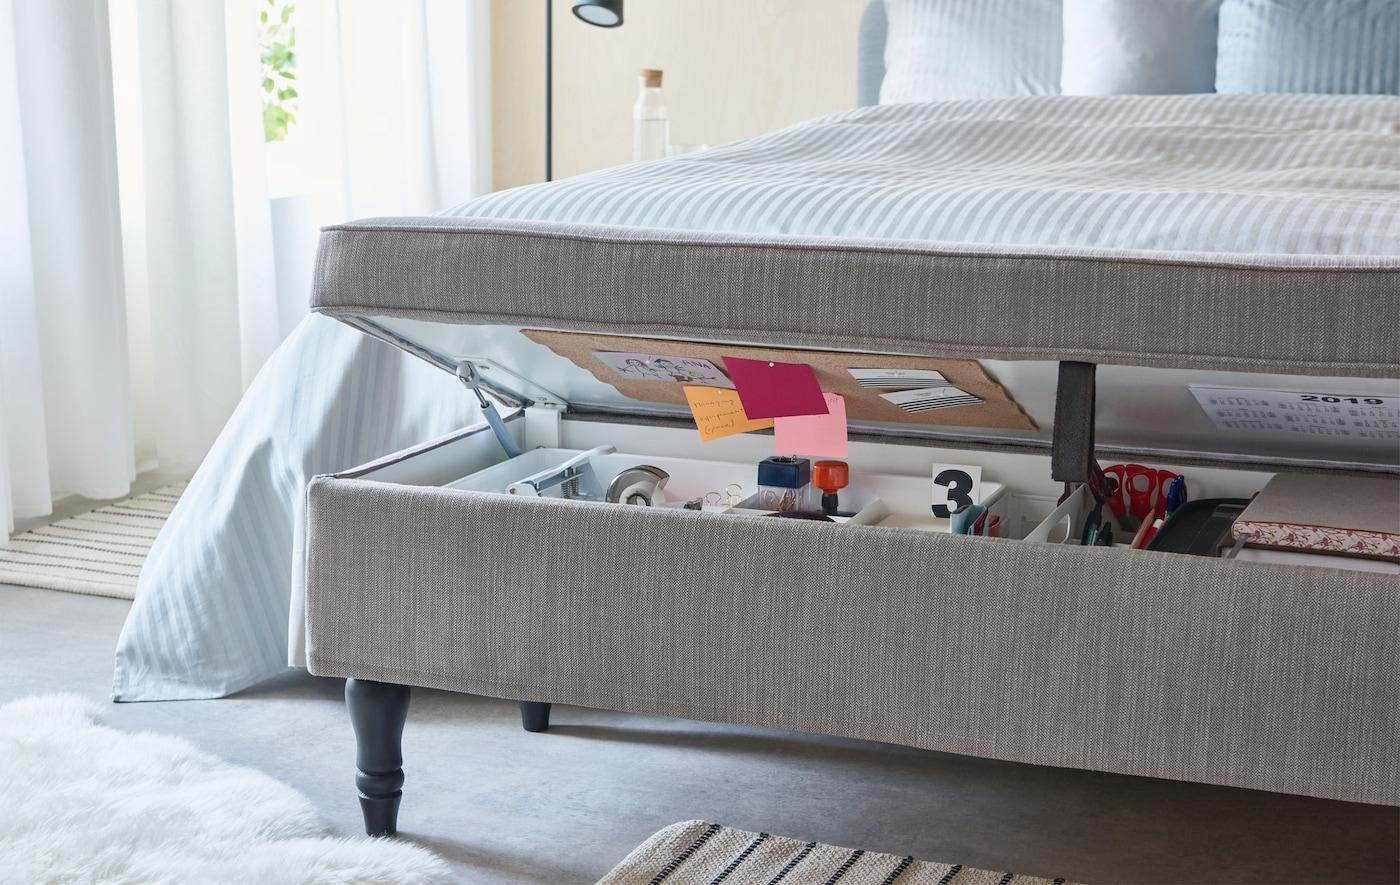 Banco y módulo de almacenaje combinados, con textiles, entreabiertos en el extremo de los pies de una cama que contiene los elementos de una oficina en casa típica.